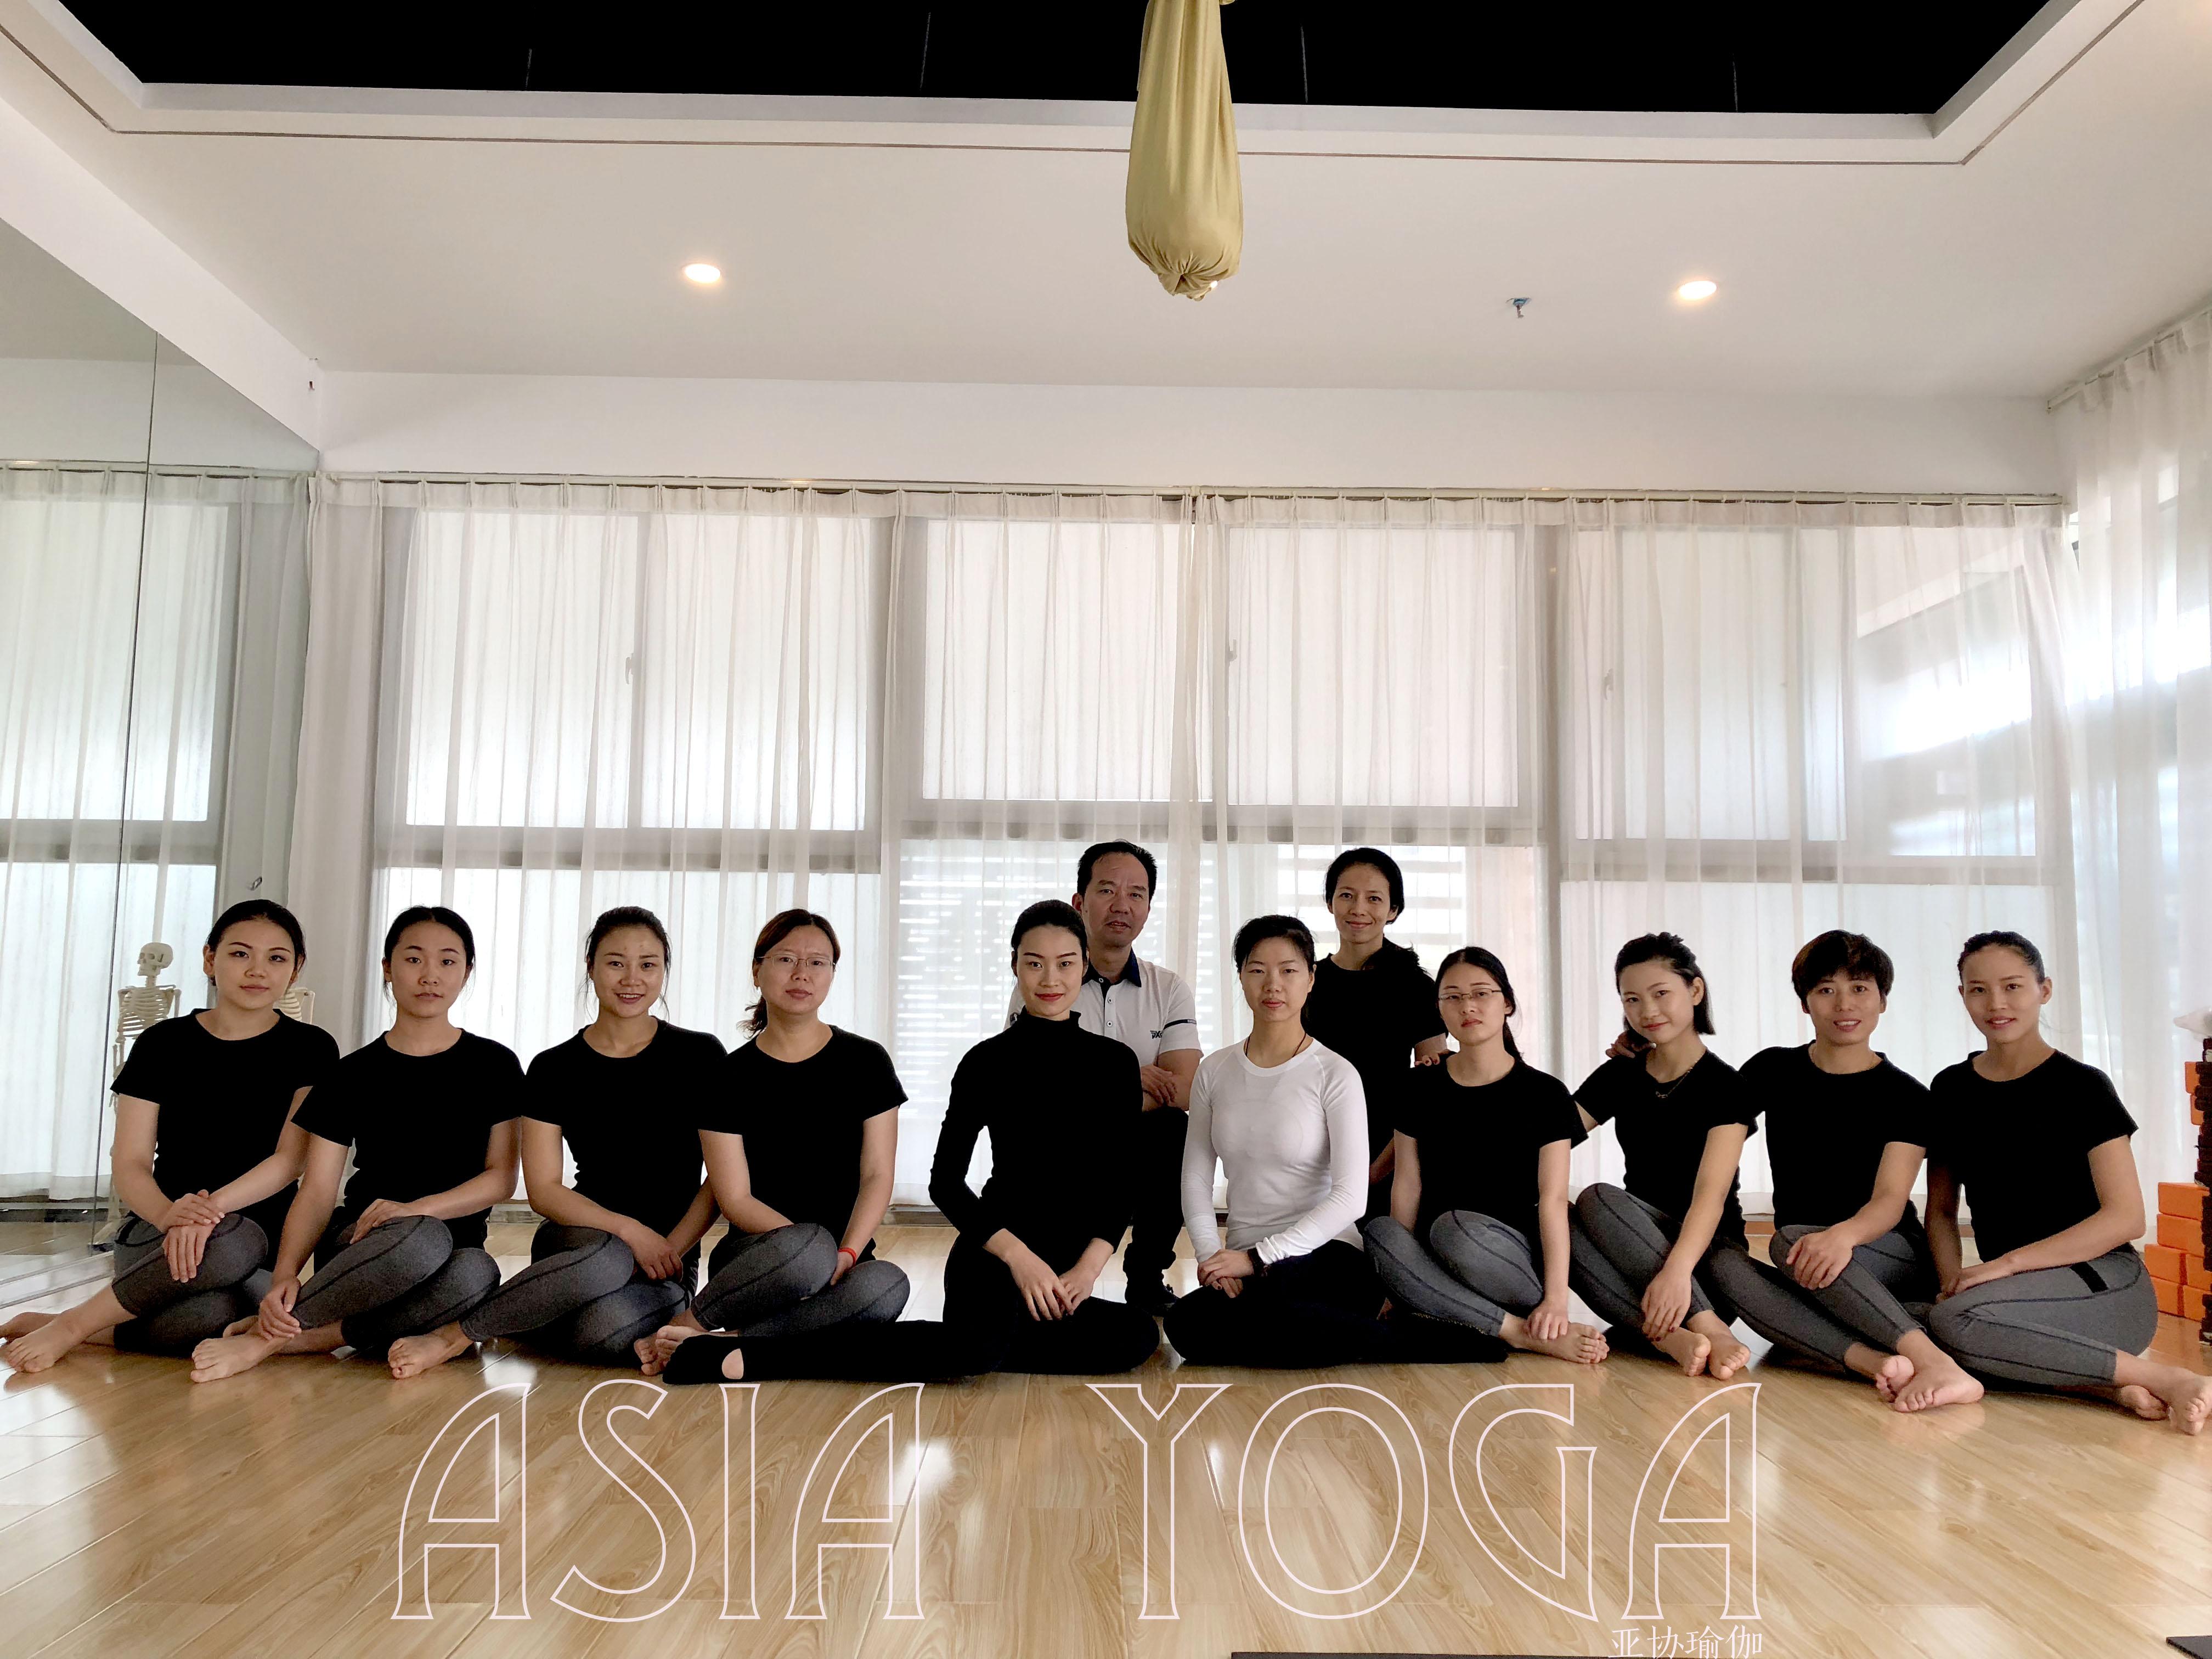 深圳亚协瑜伽第226届瑜伽教练培训班开班大吉!